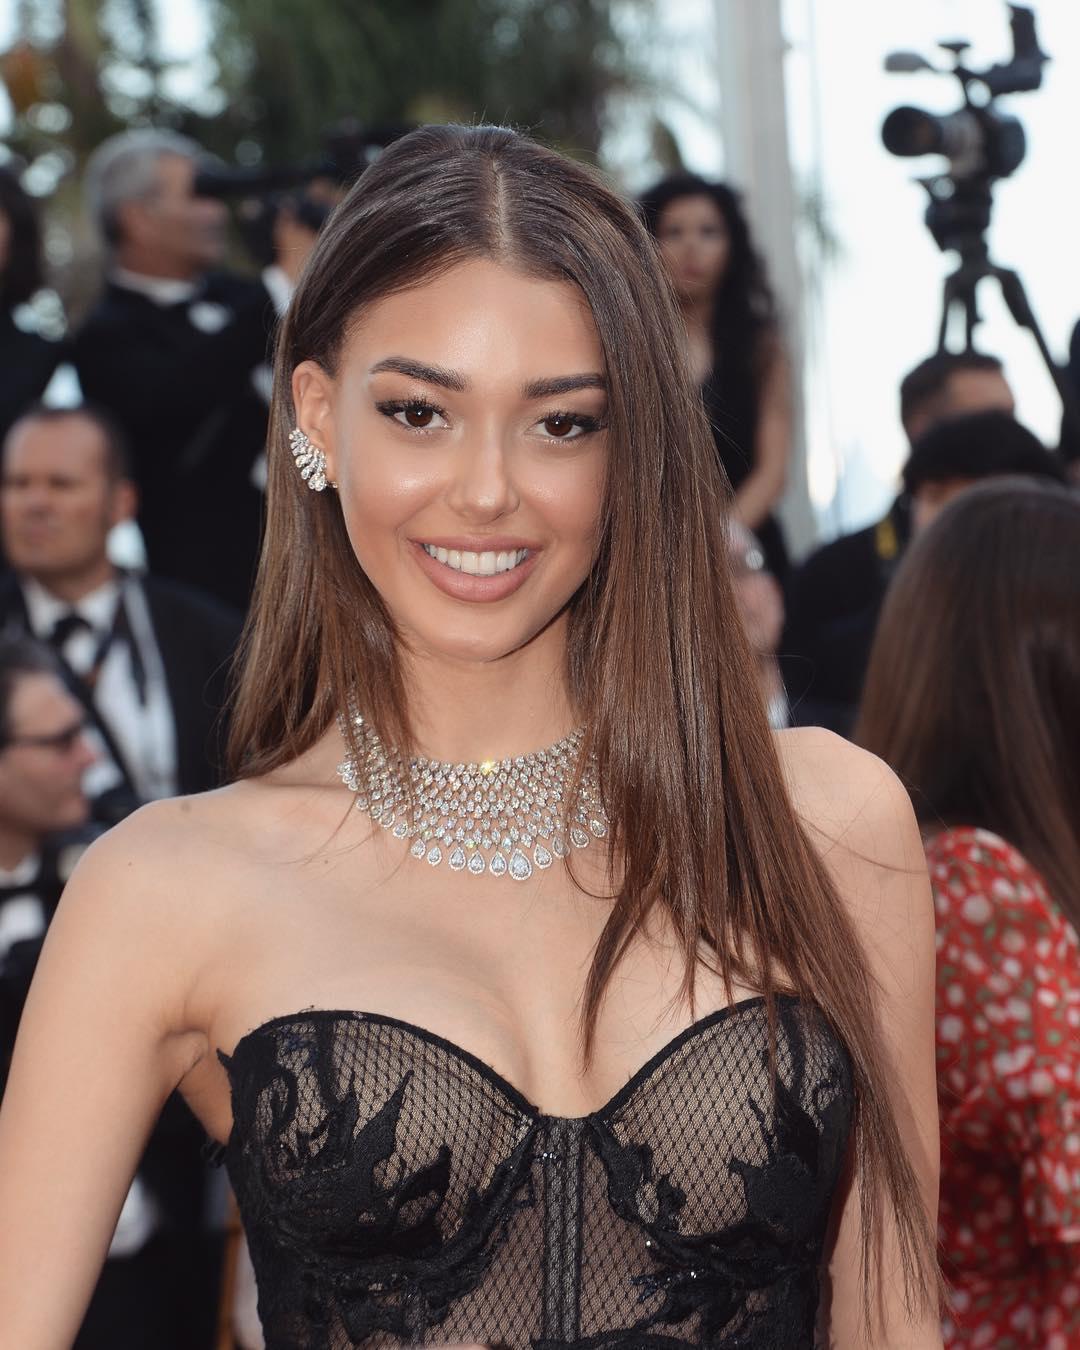 Çukur dizisinde Sena karakterine hayat veren Dilan Çiçek Deniz katıldığı geceye seksi siyah transparan elbisesi ve güzelliğiyle damga vurdu.